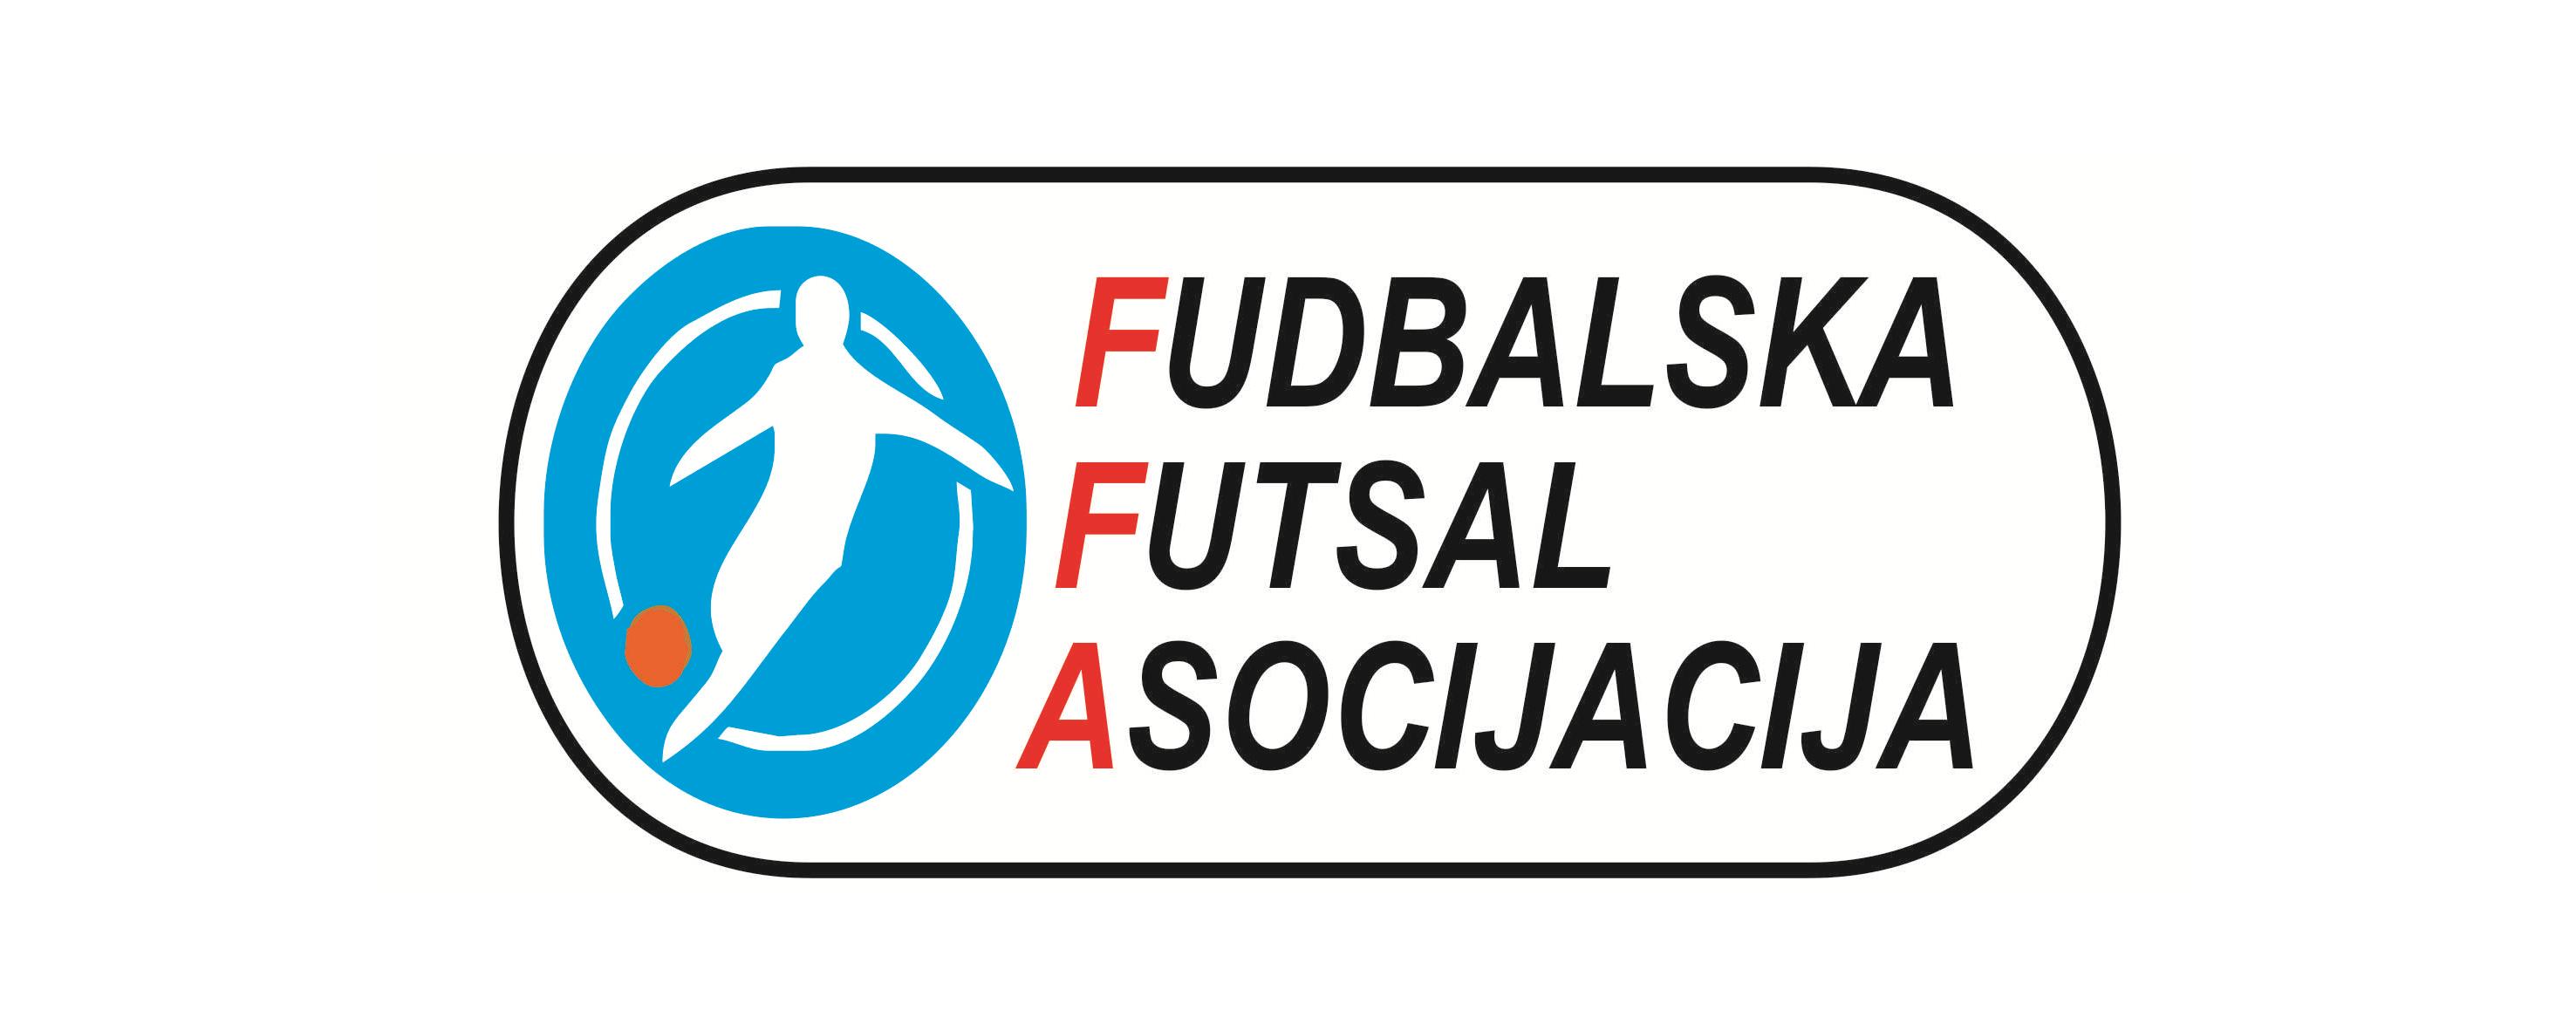 Fudbalska Futsal Asocijacija